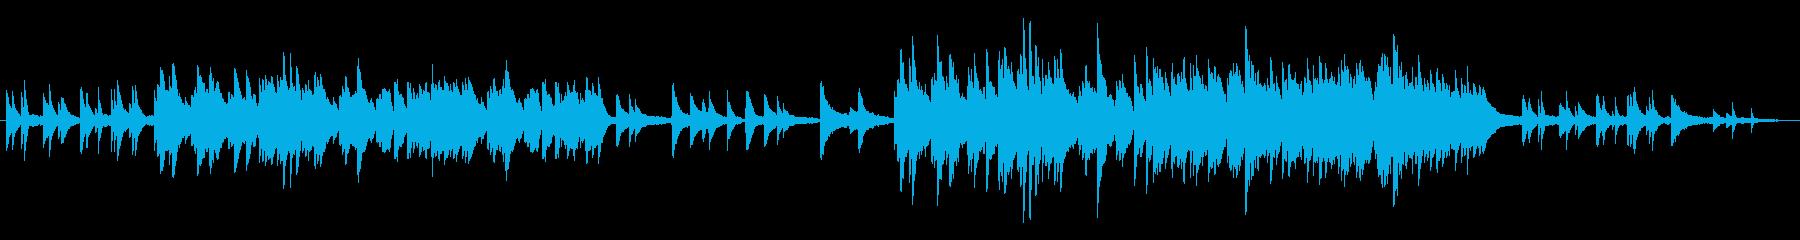 切なく感動的なピアノソロの再生済みの波形